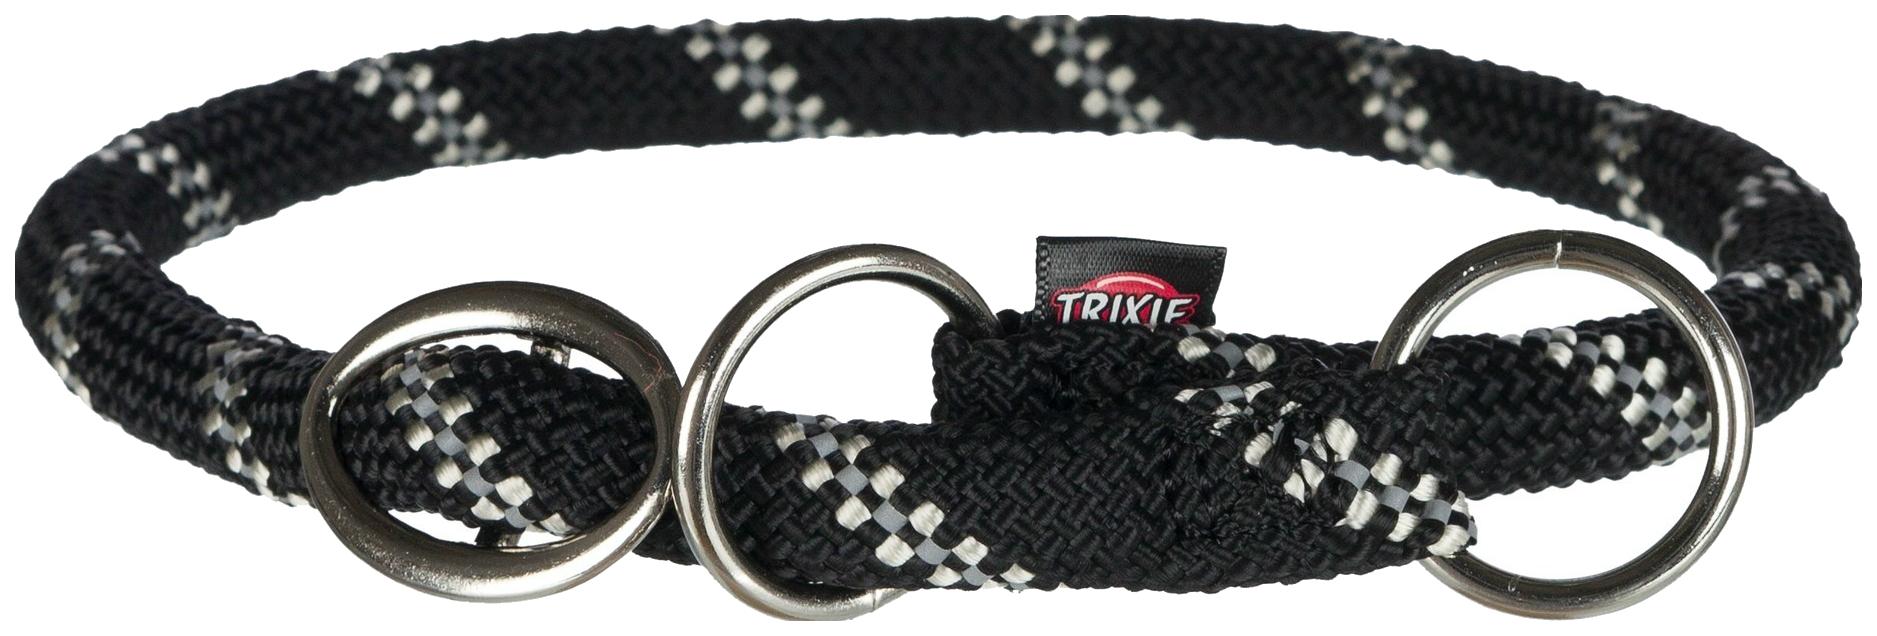 Ошейник для собак Trixie Sporty Rope L–XL 55 см/ф13 мм черный